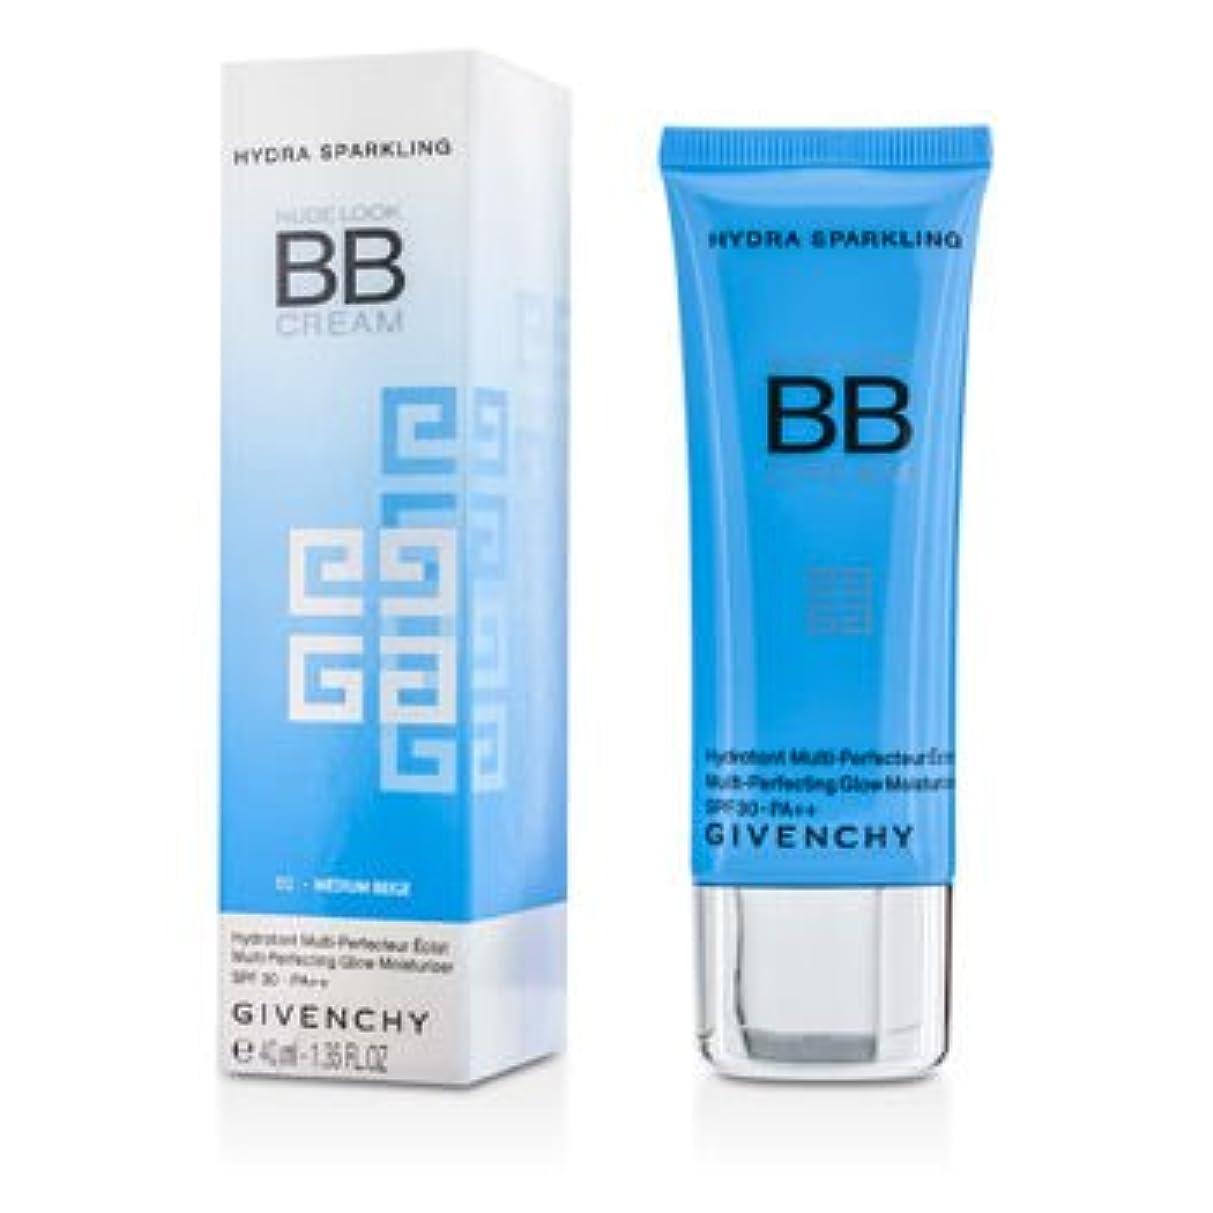 マンハッタン桃優遇[Givenchy] Nude Look BB Cream Multi-Perfecting Glow Moisturizer SPF 30 PA++ #02 Medium Beige 40ml/1.35oz